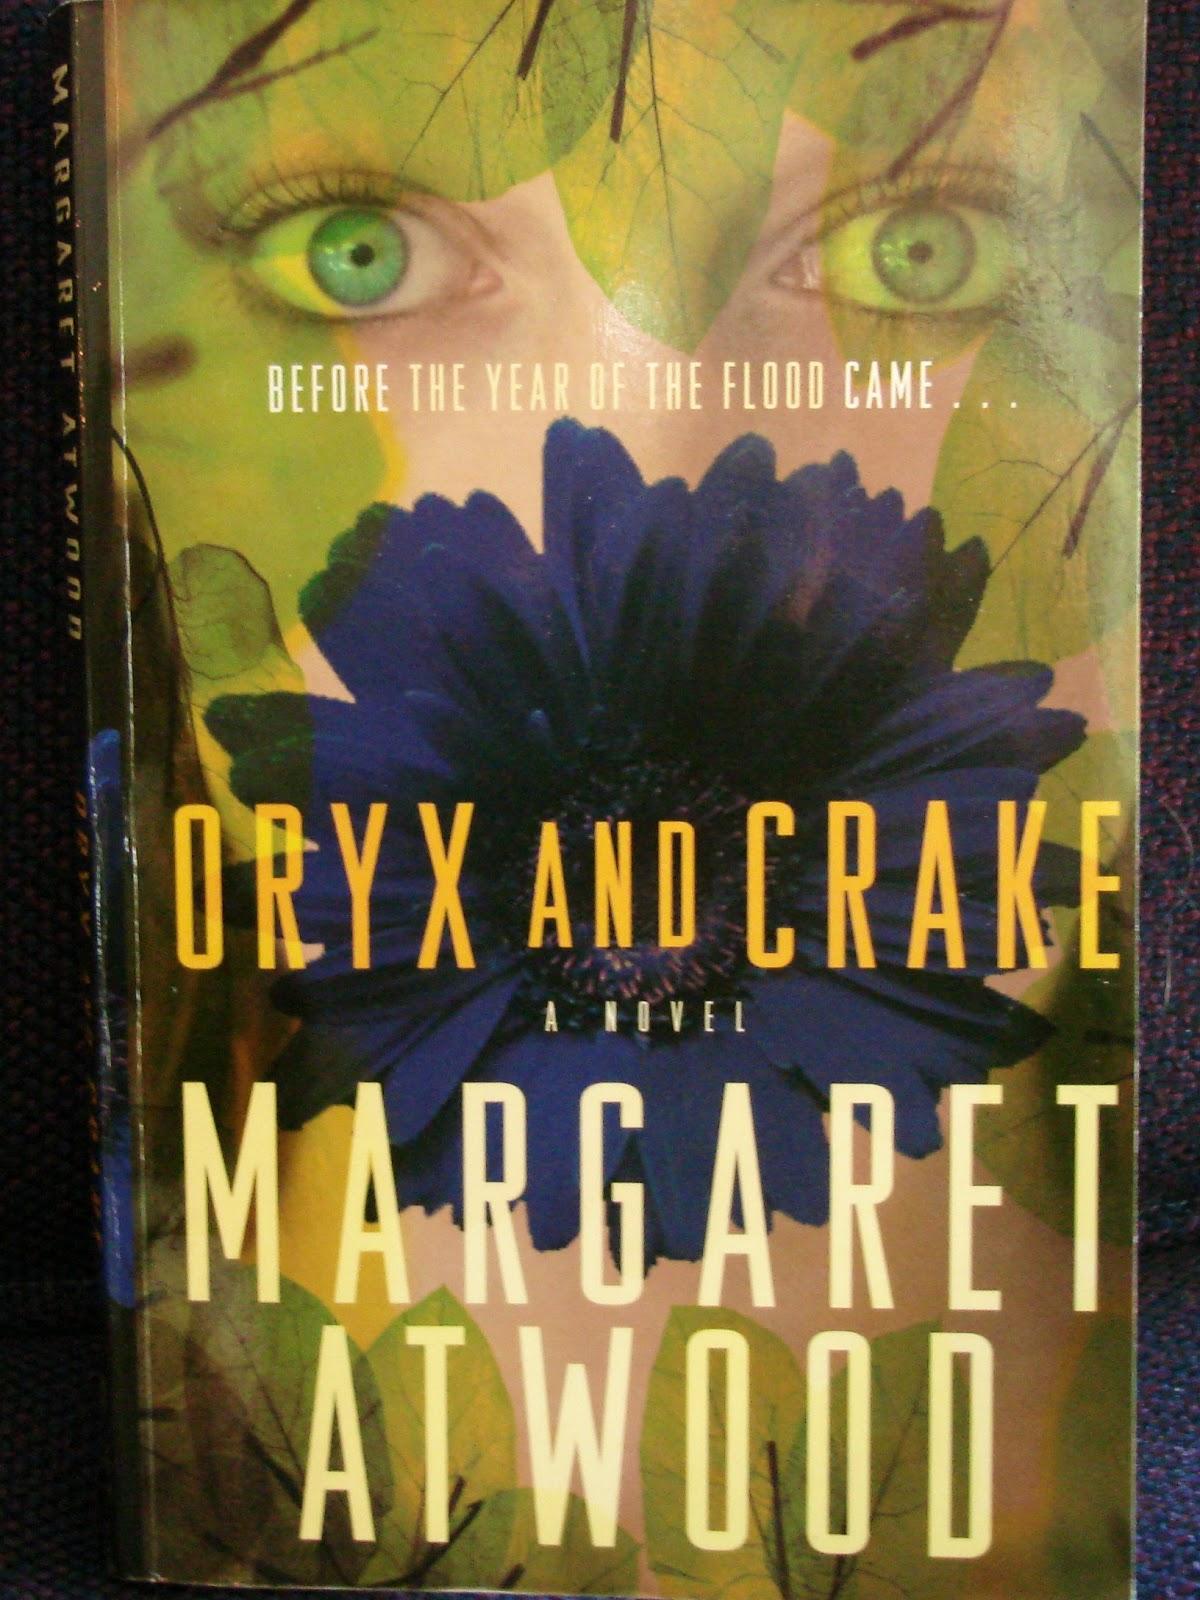 and crake essay oryx and crake essay